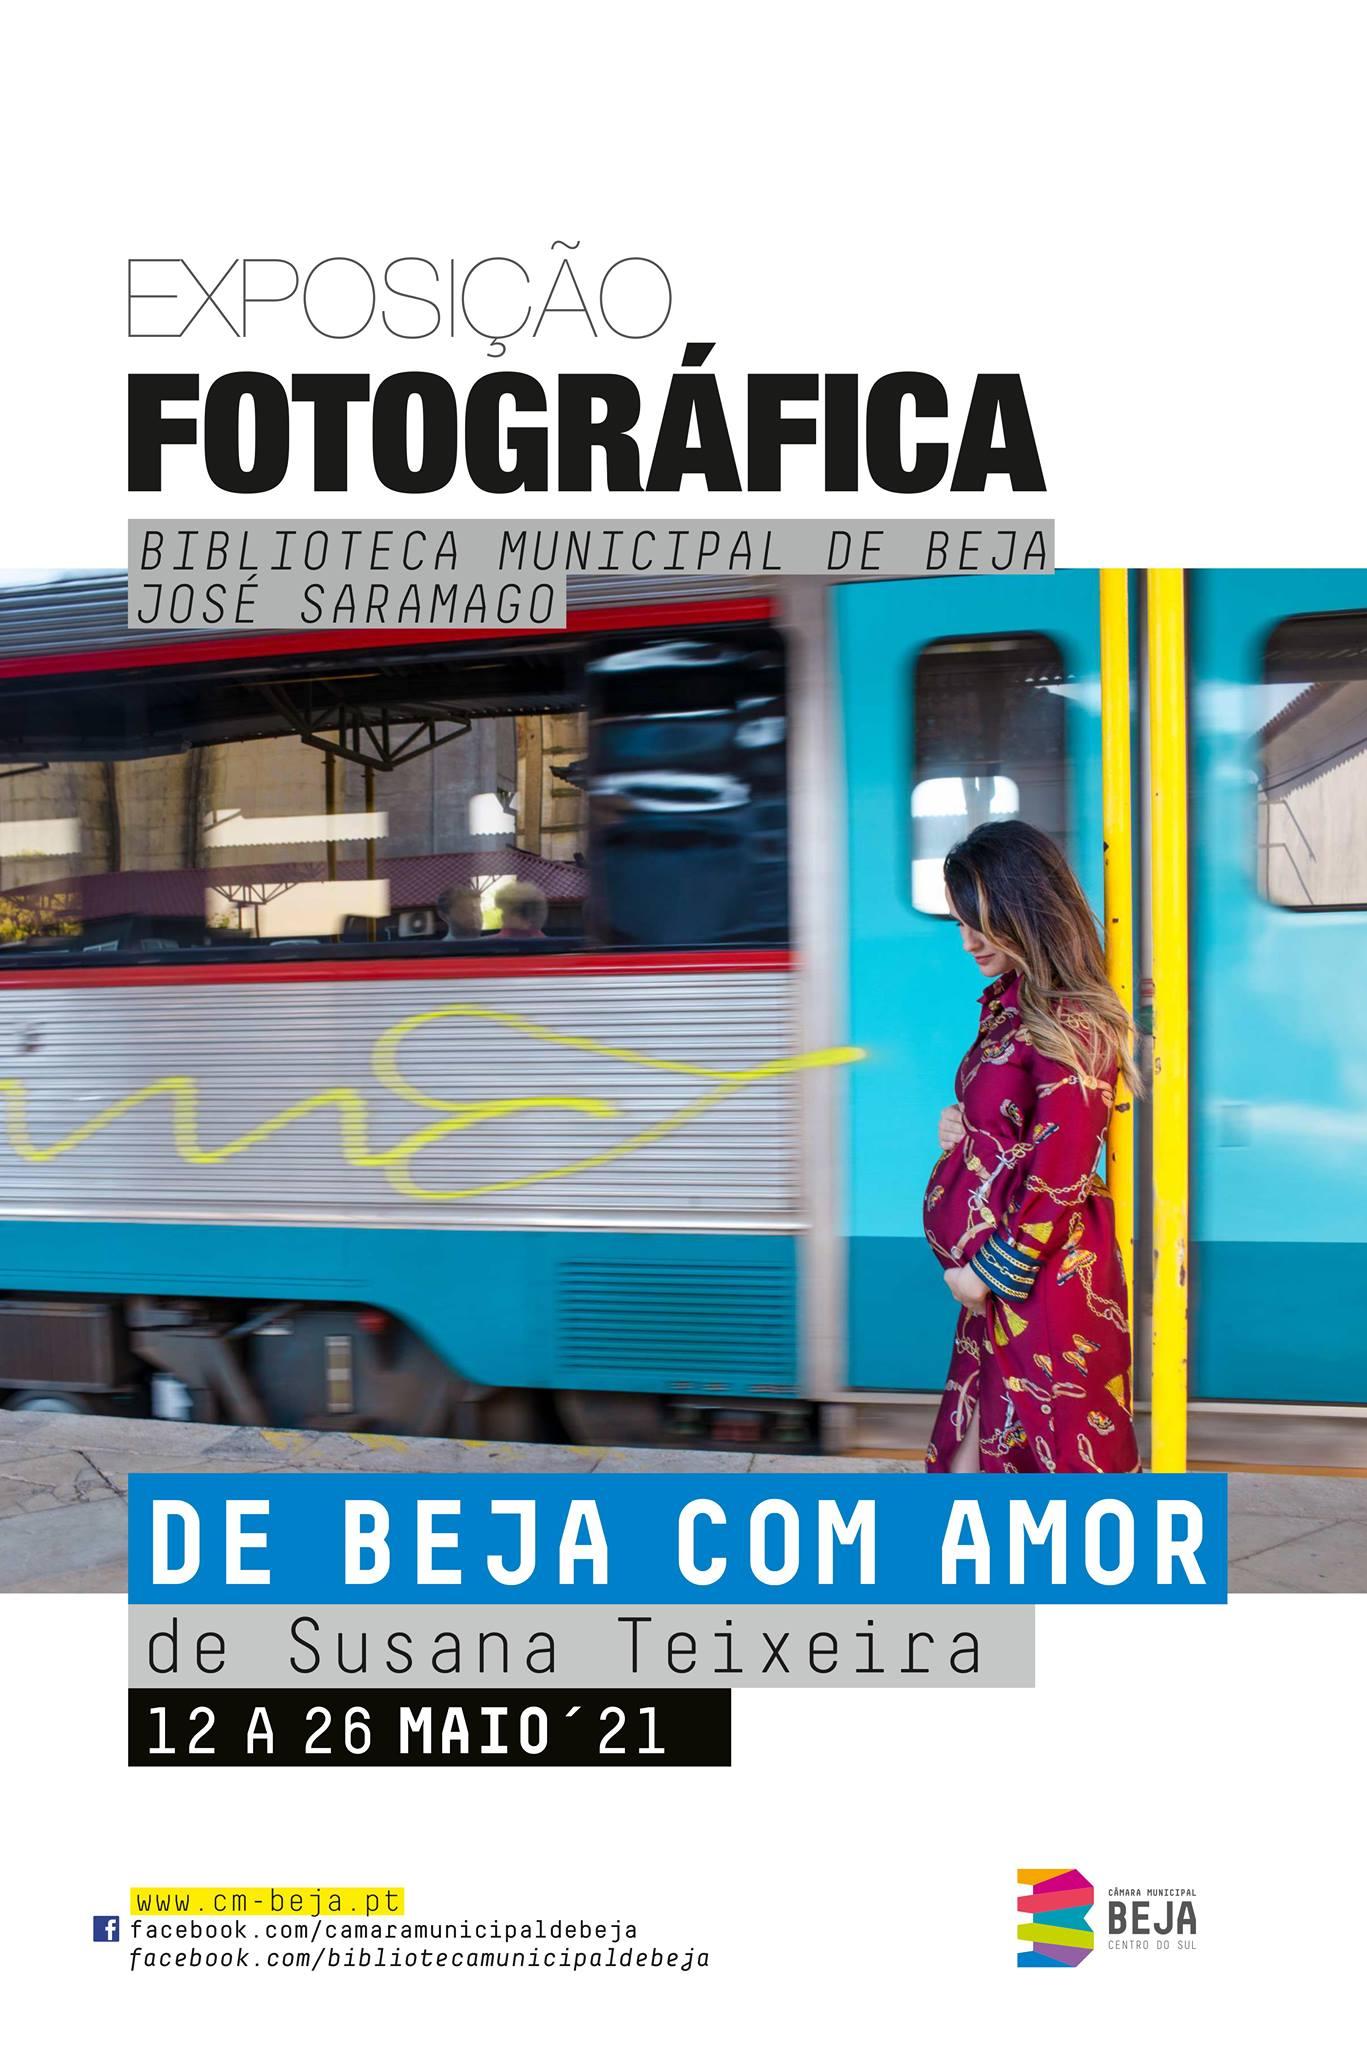 Exposição Fotográfica 'De Beja com Amor' de Susana Teixeira